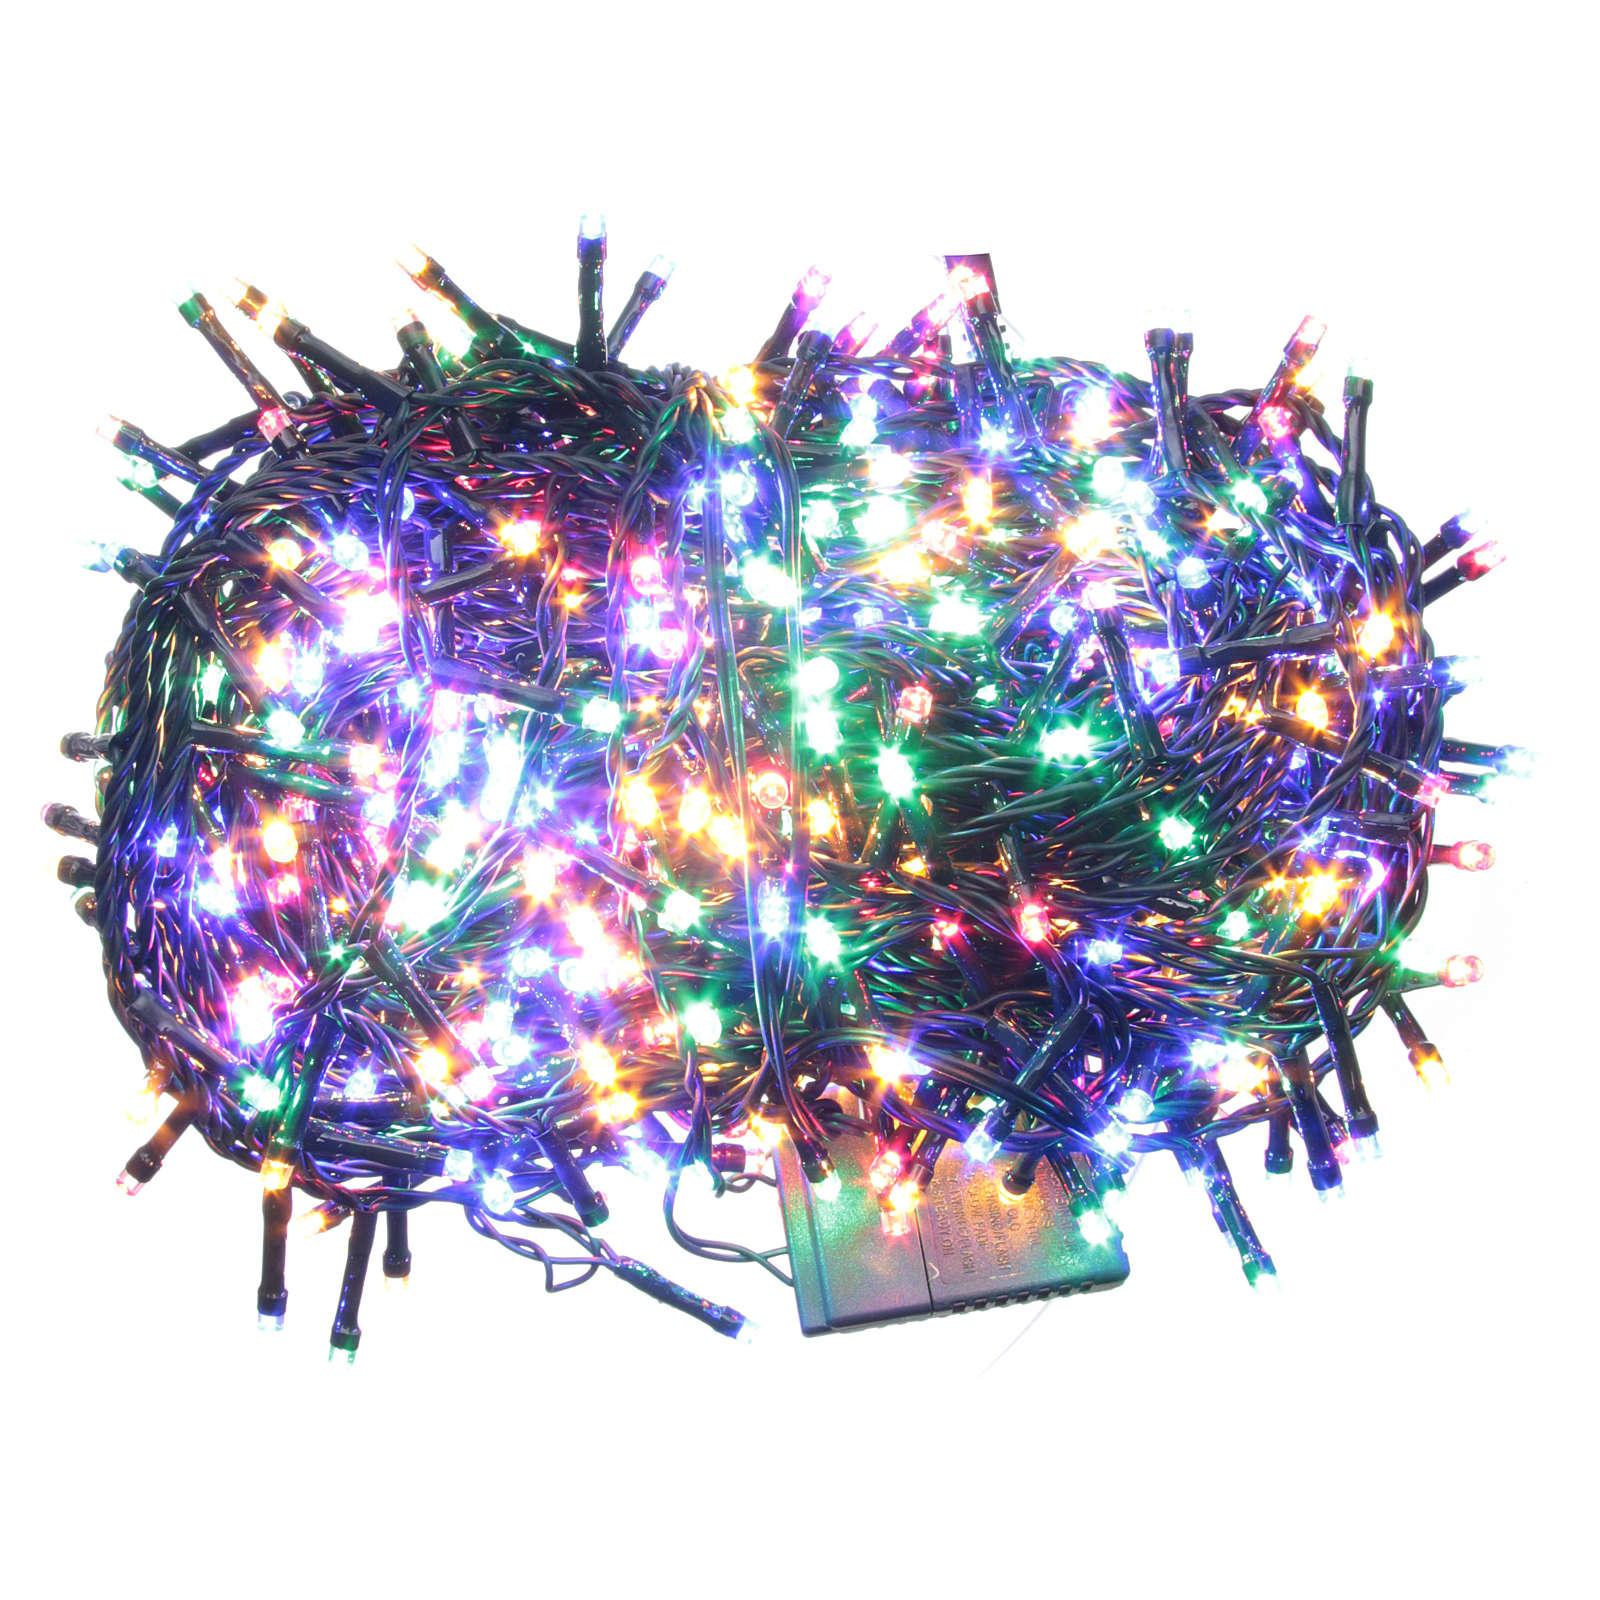 Éclairage Noël chaîne 600 LEDS multicolores EXTÉRIEUR programmable 3